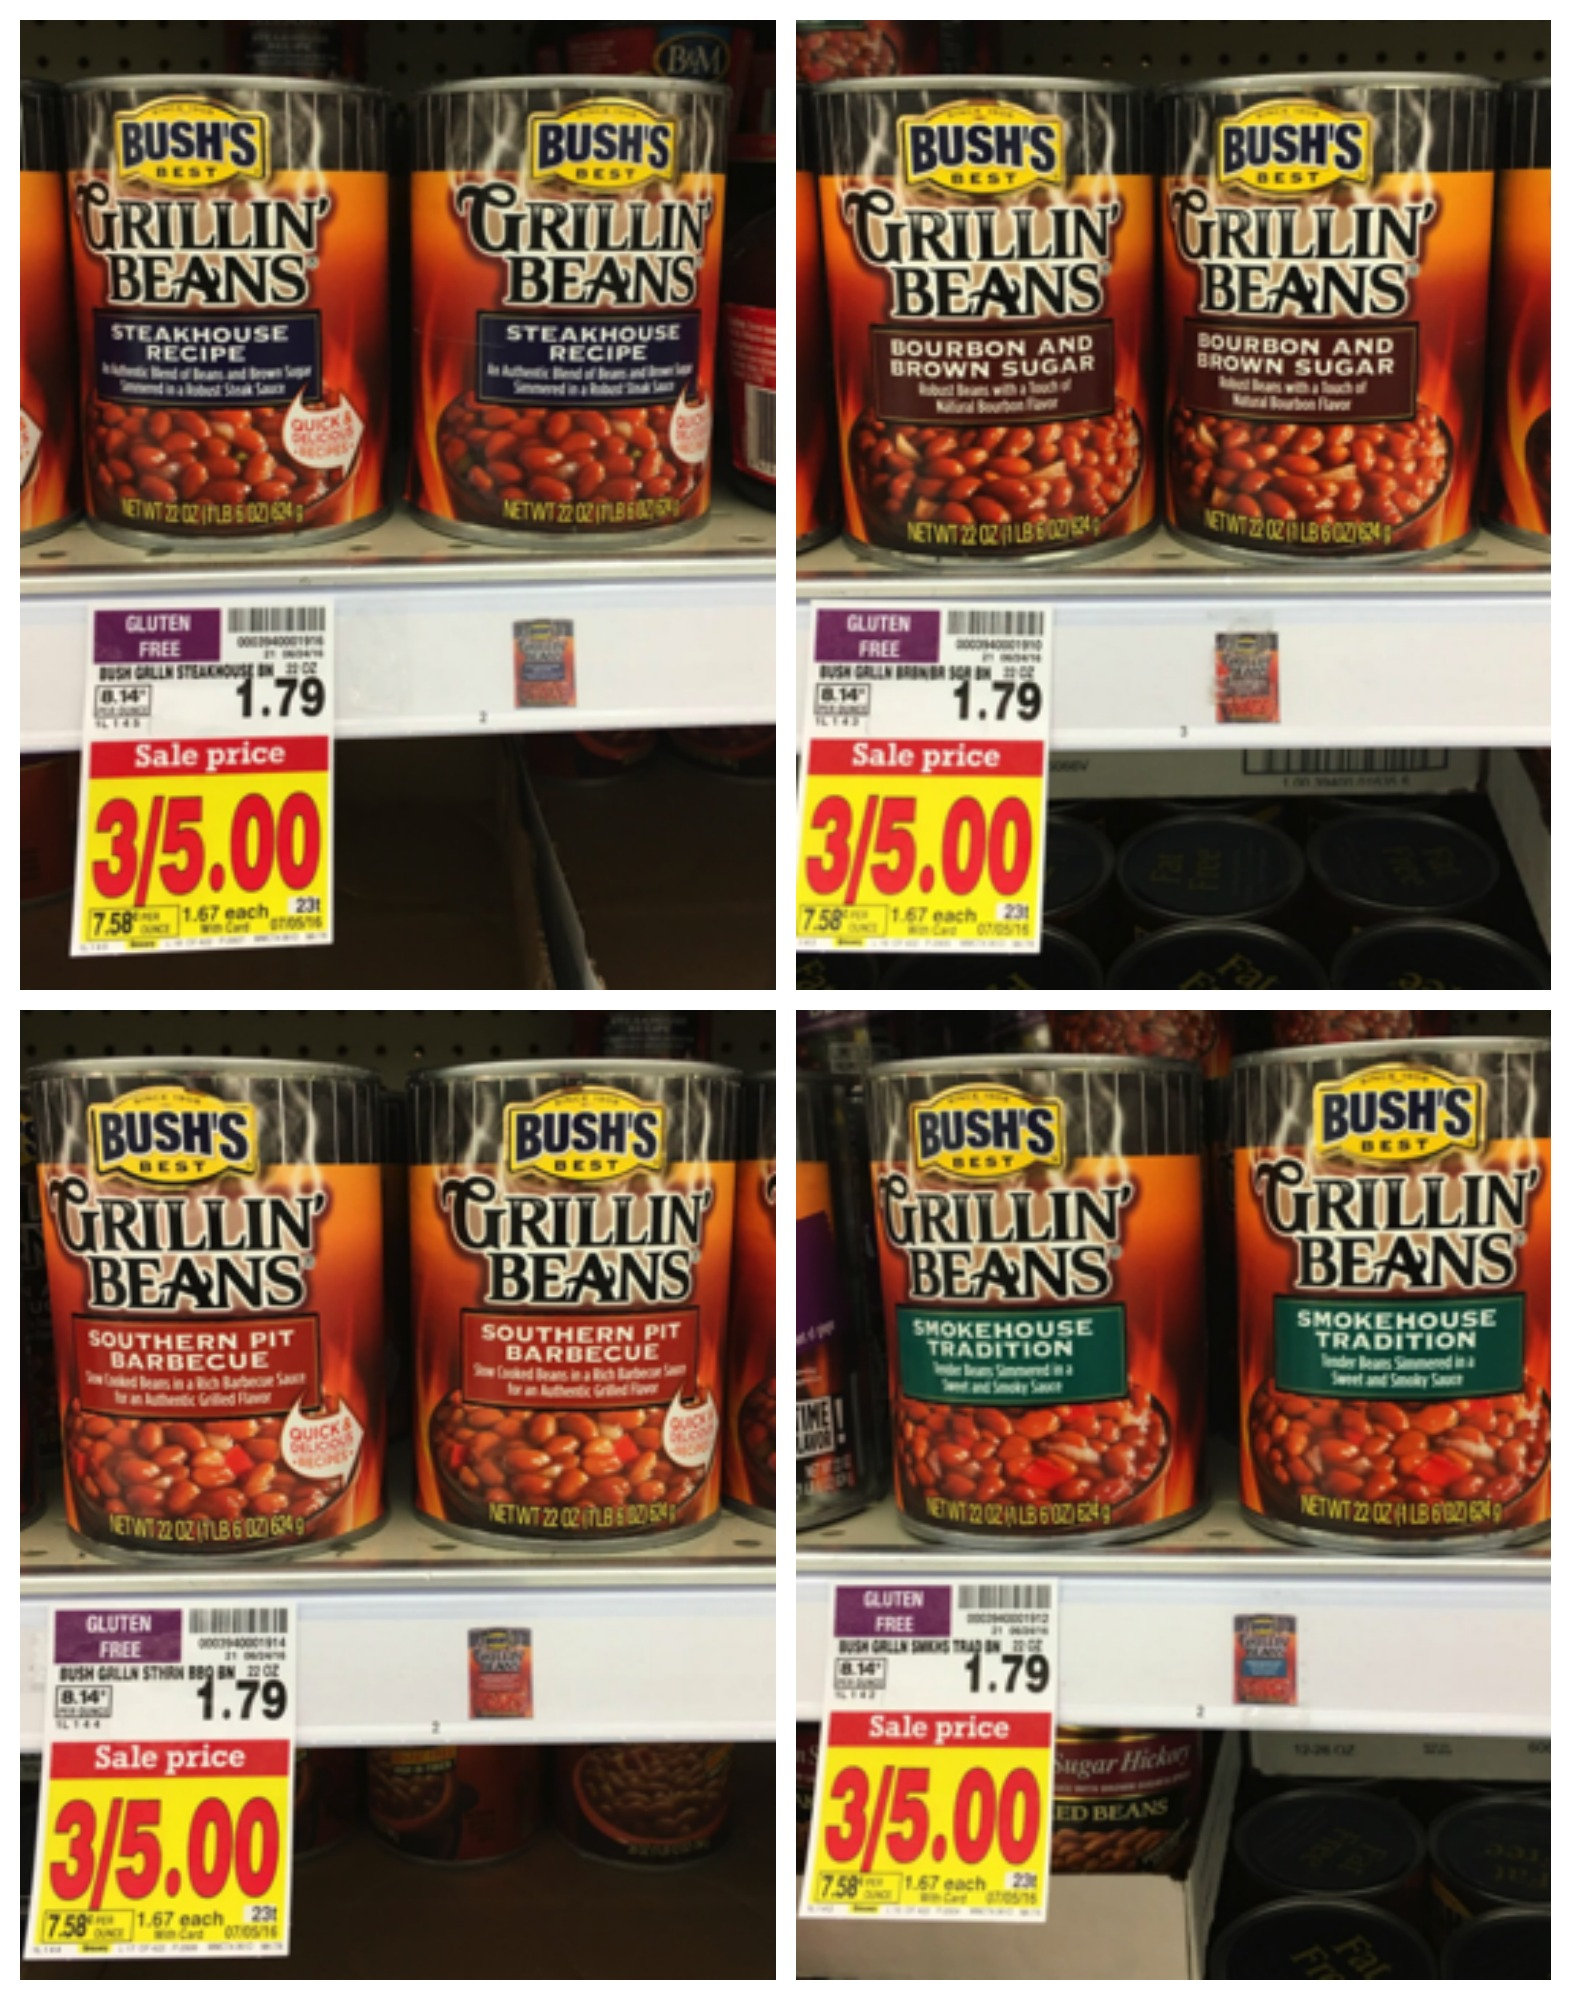 bush's grillin beans collage